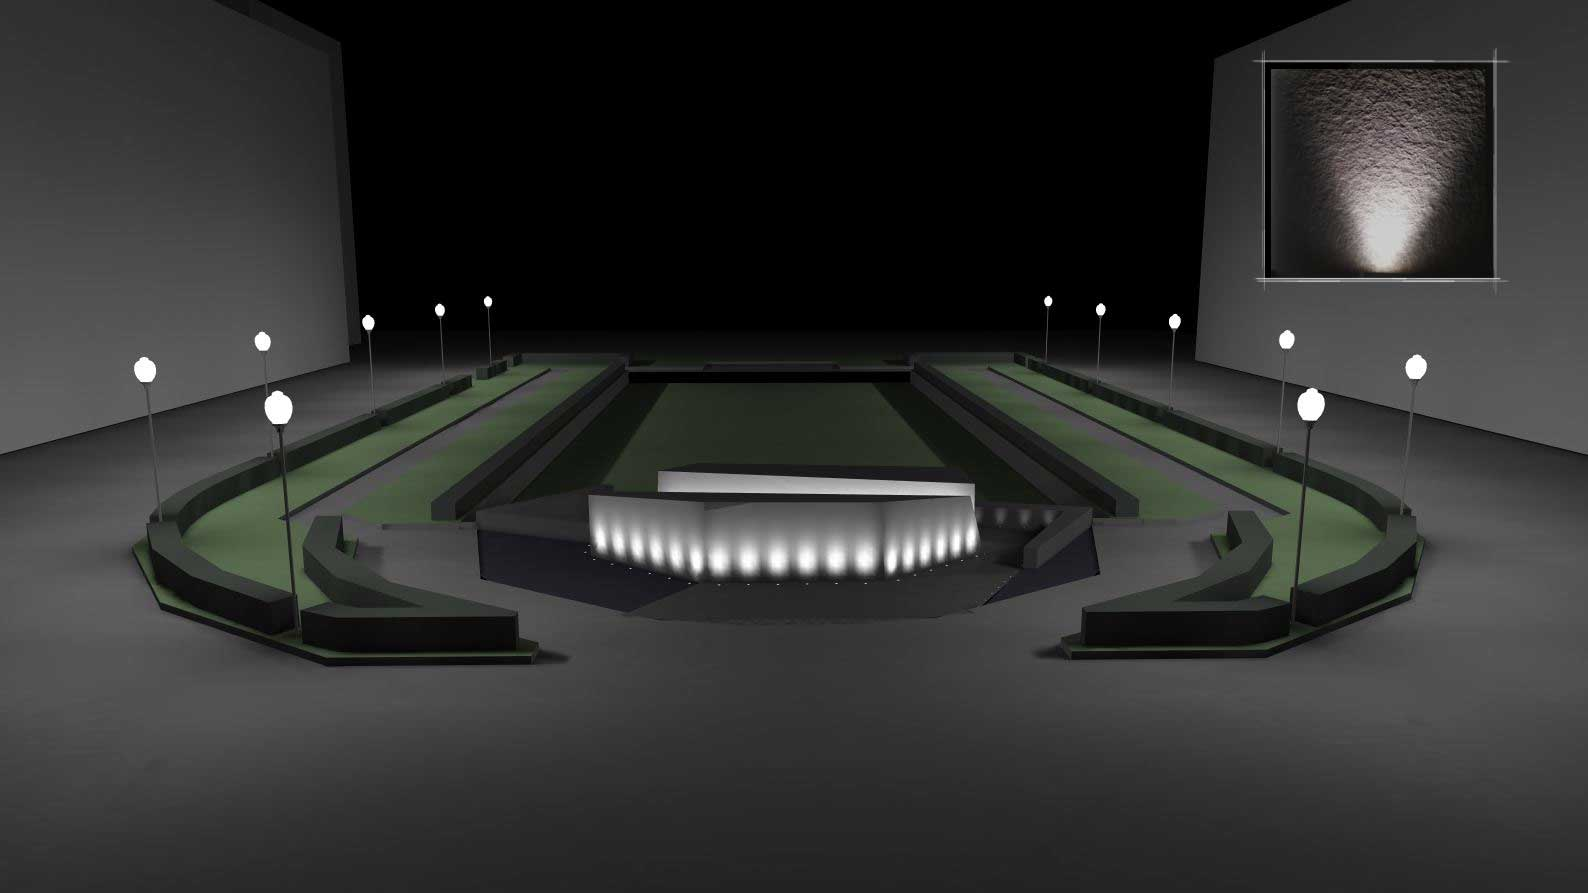 SF Veteran's Memorial site lighting design